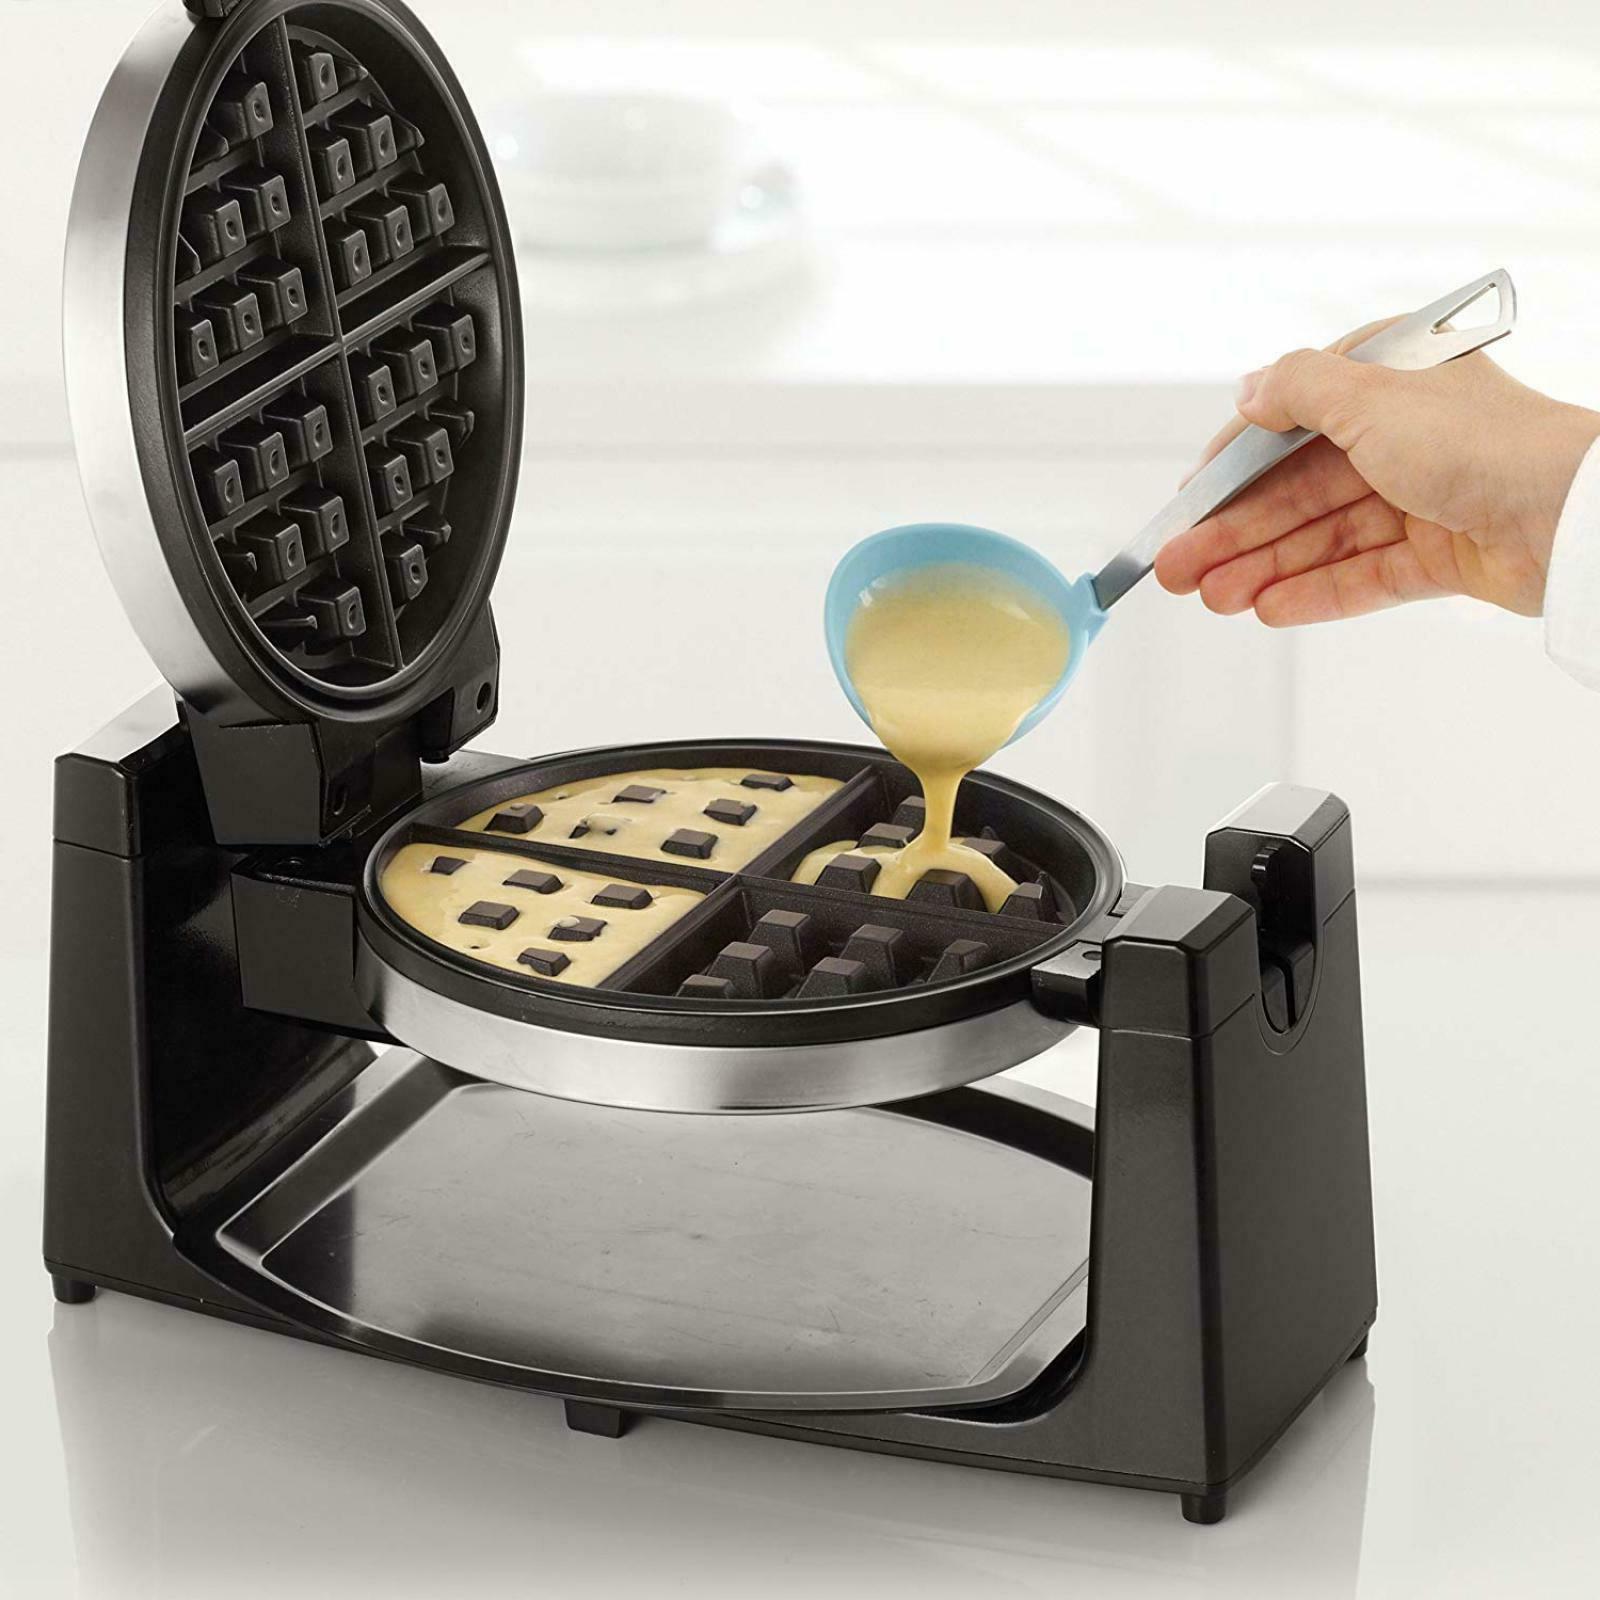 NEW 13991 Waffle Steel